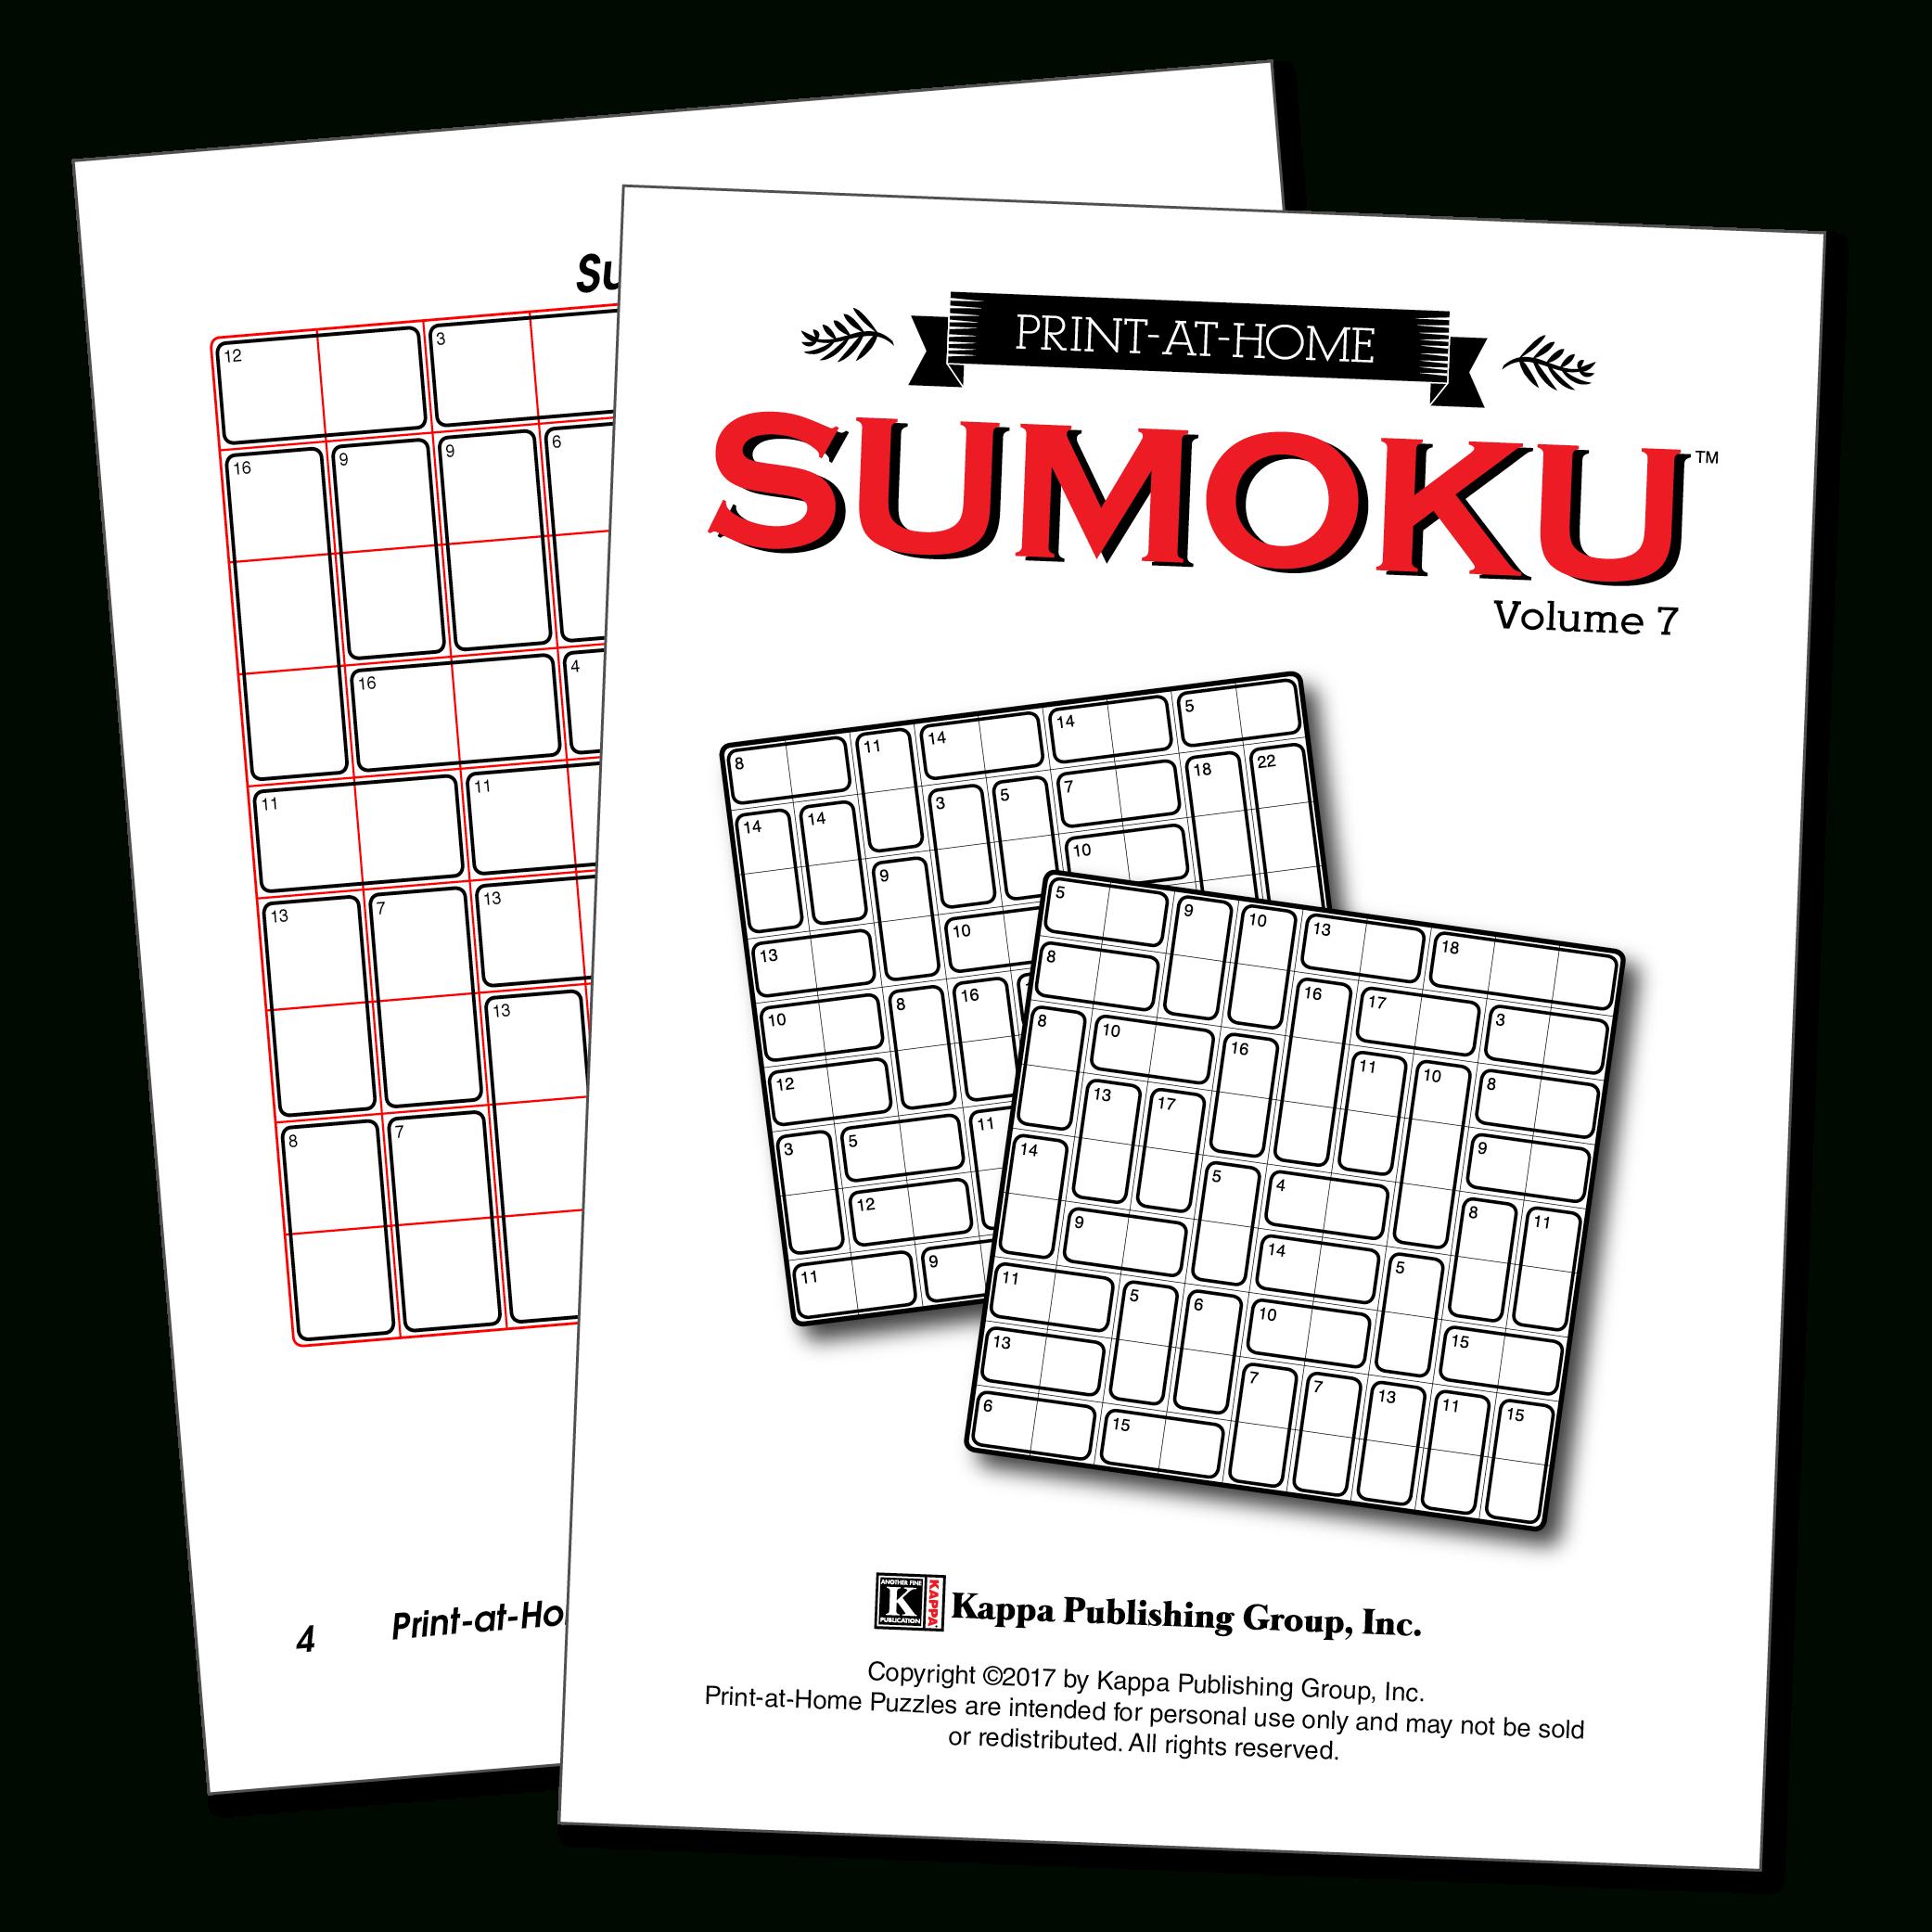 Print-At-Home Sumoku – Kappa Puzzles - Printable Sumoku Puzzles